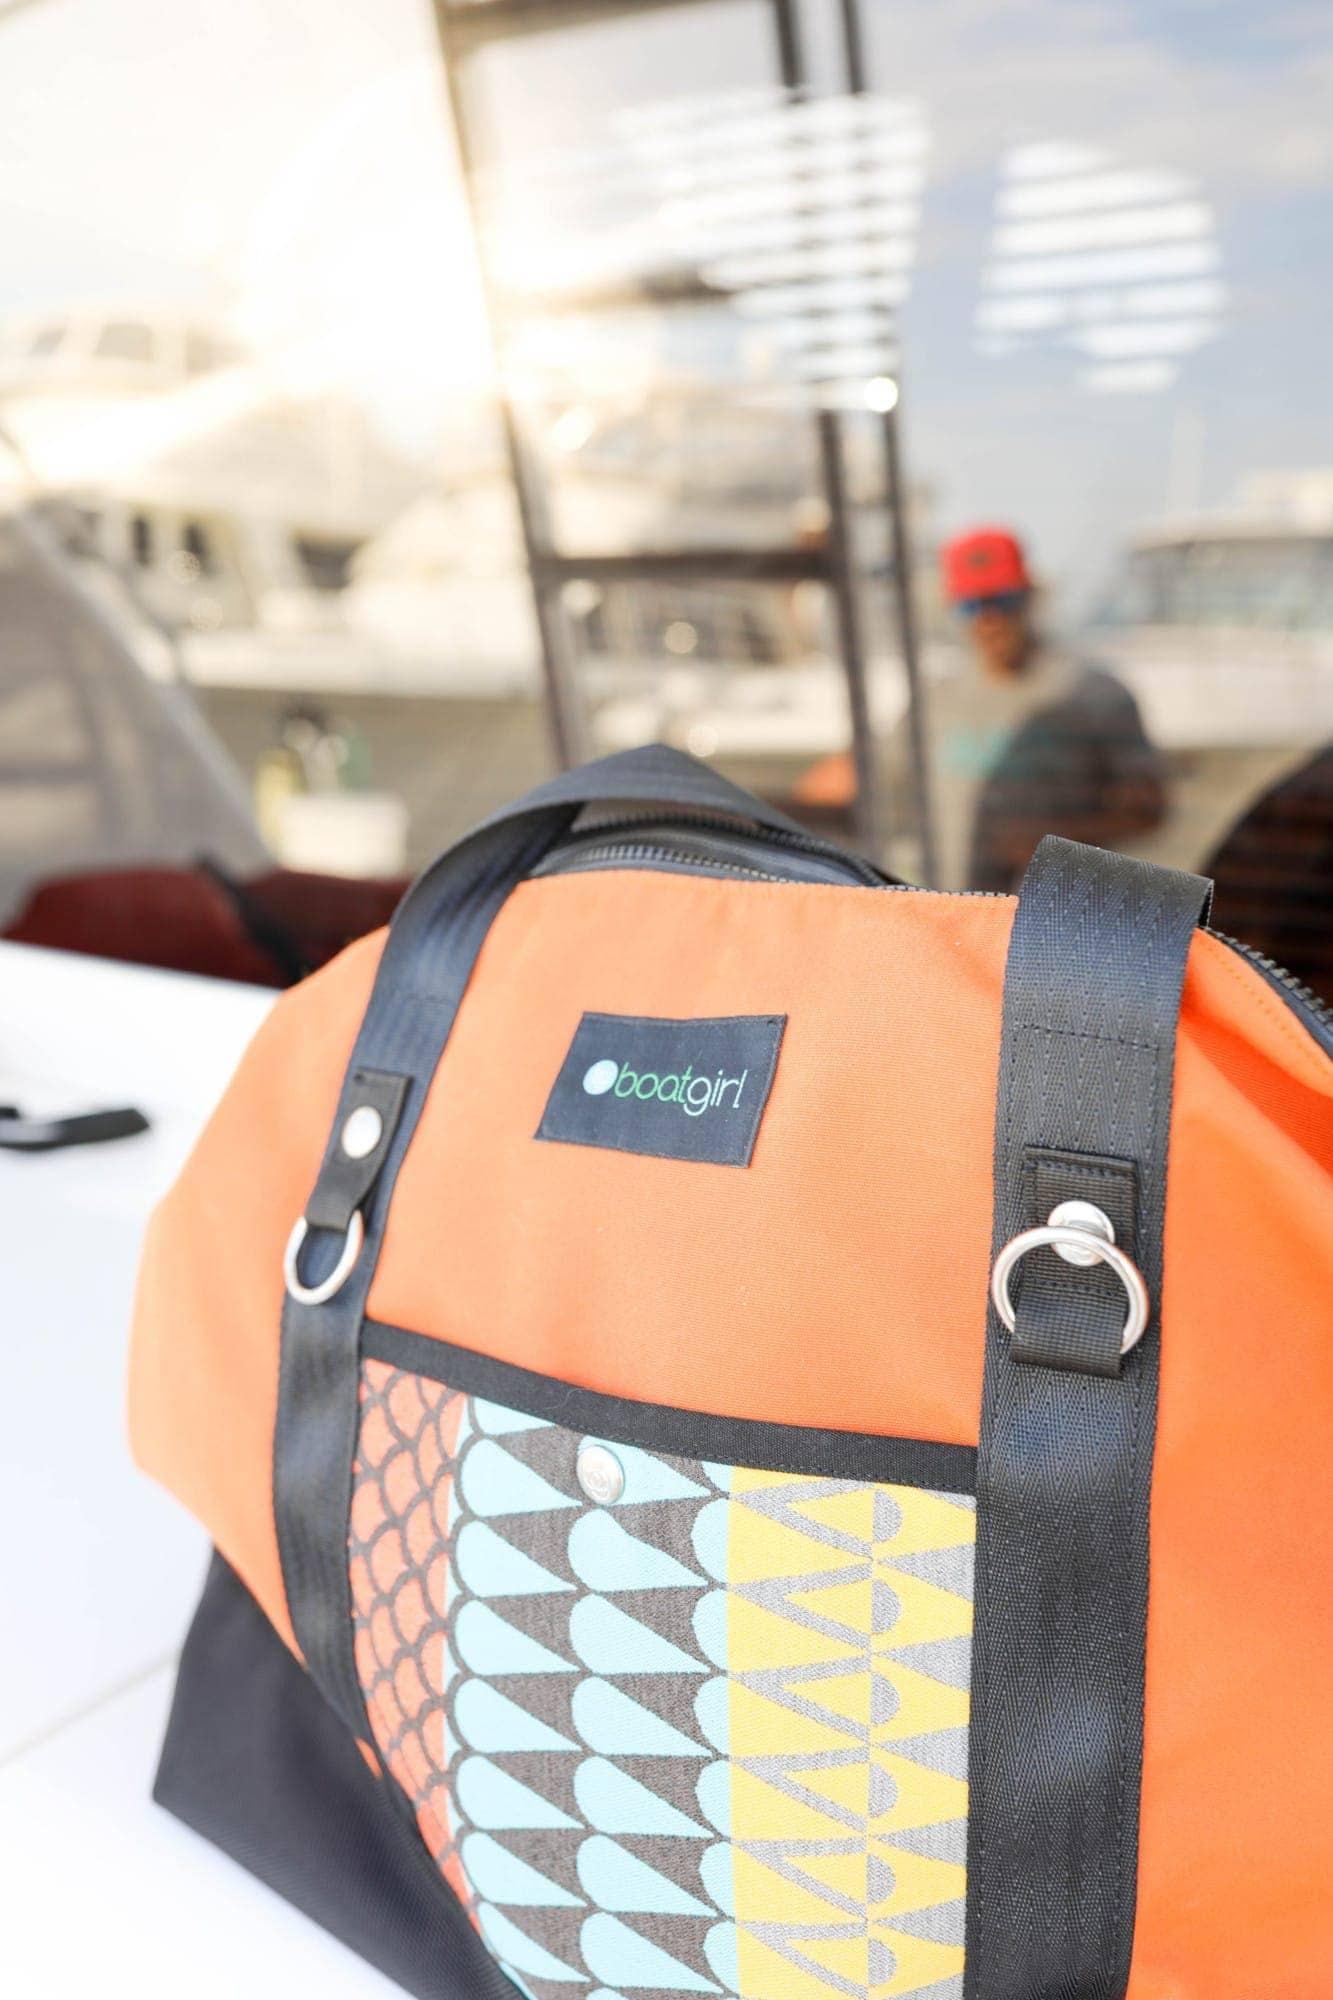 boatgirl bag